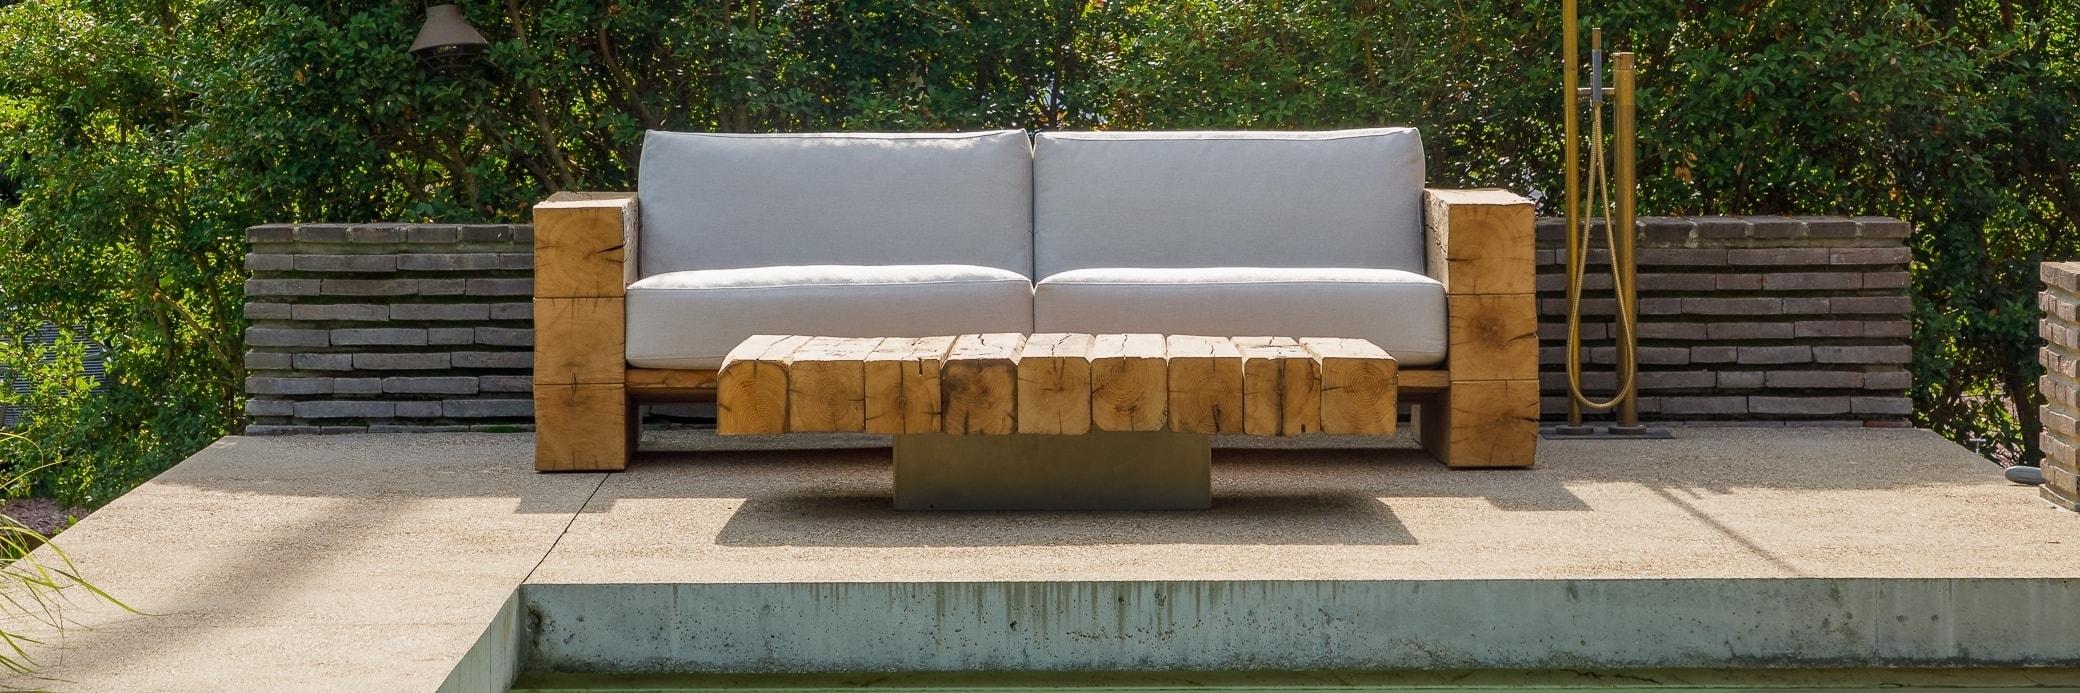 Canapé en bois ancien d'extérieur - Oakâme